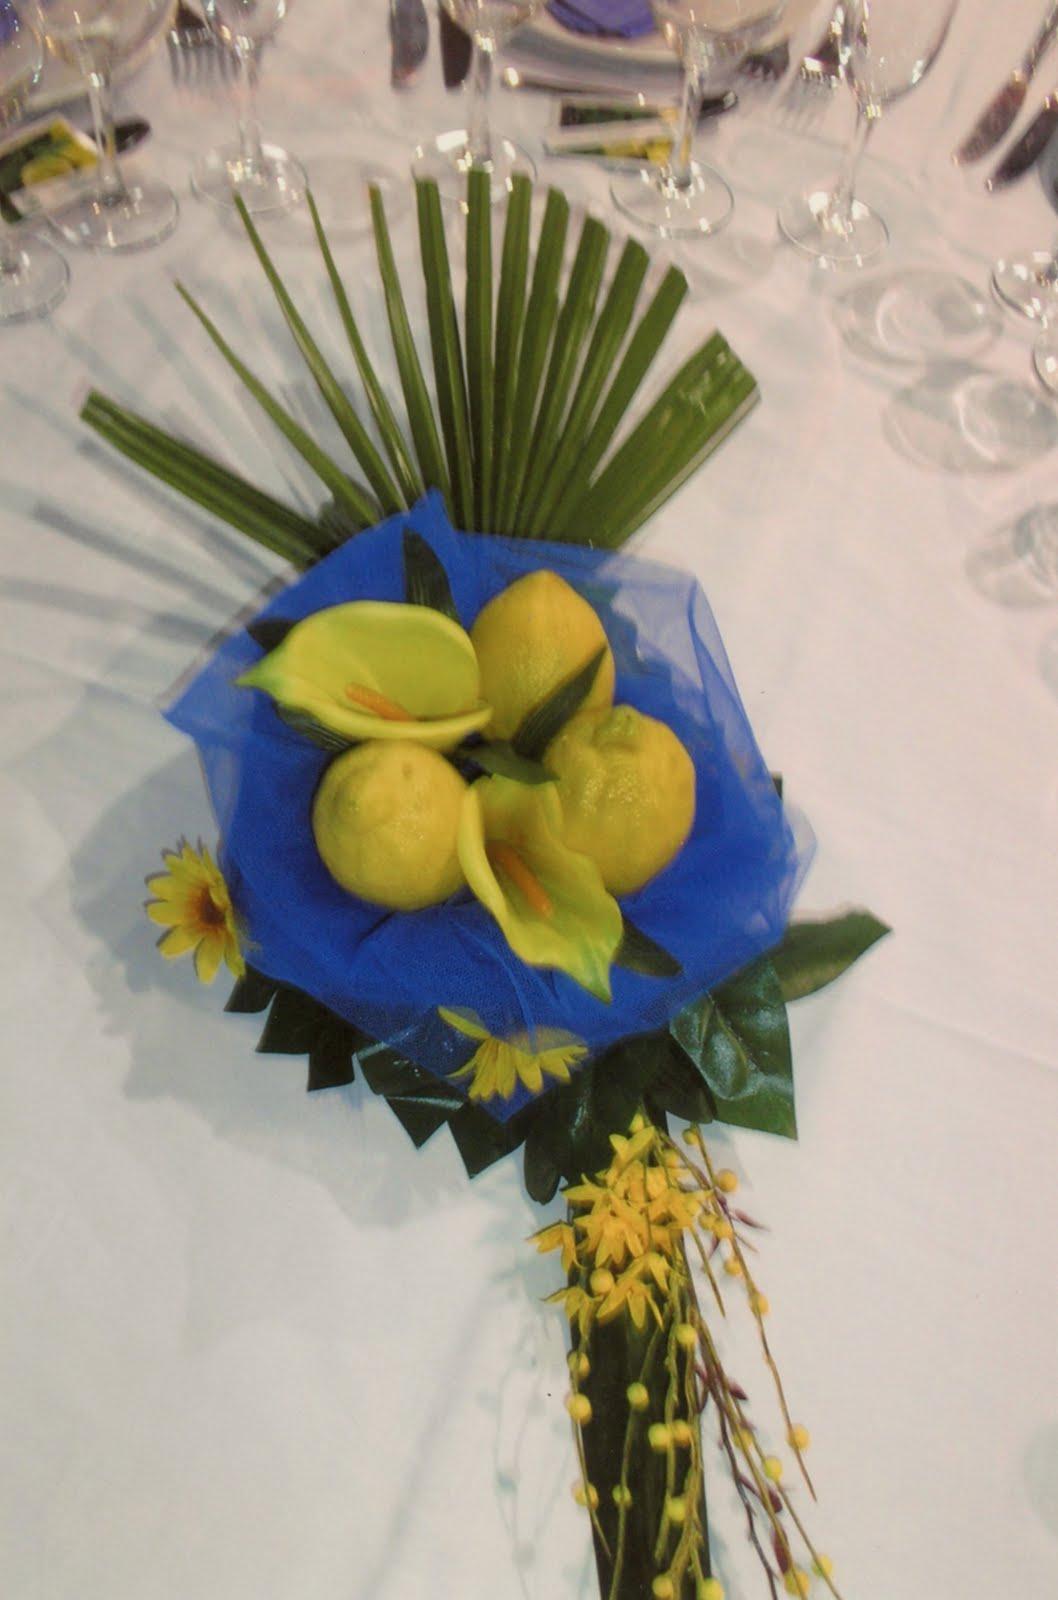 Sweetmandarina centro de mesa con limones - Centros de mesa con limones ...